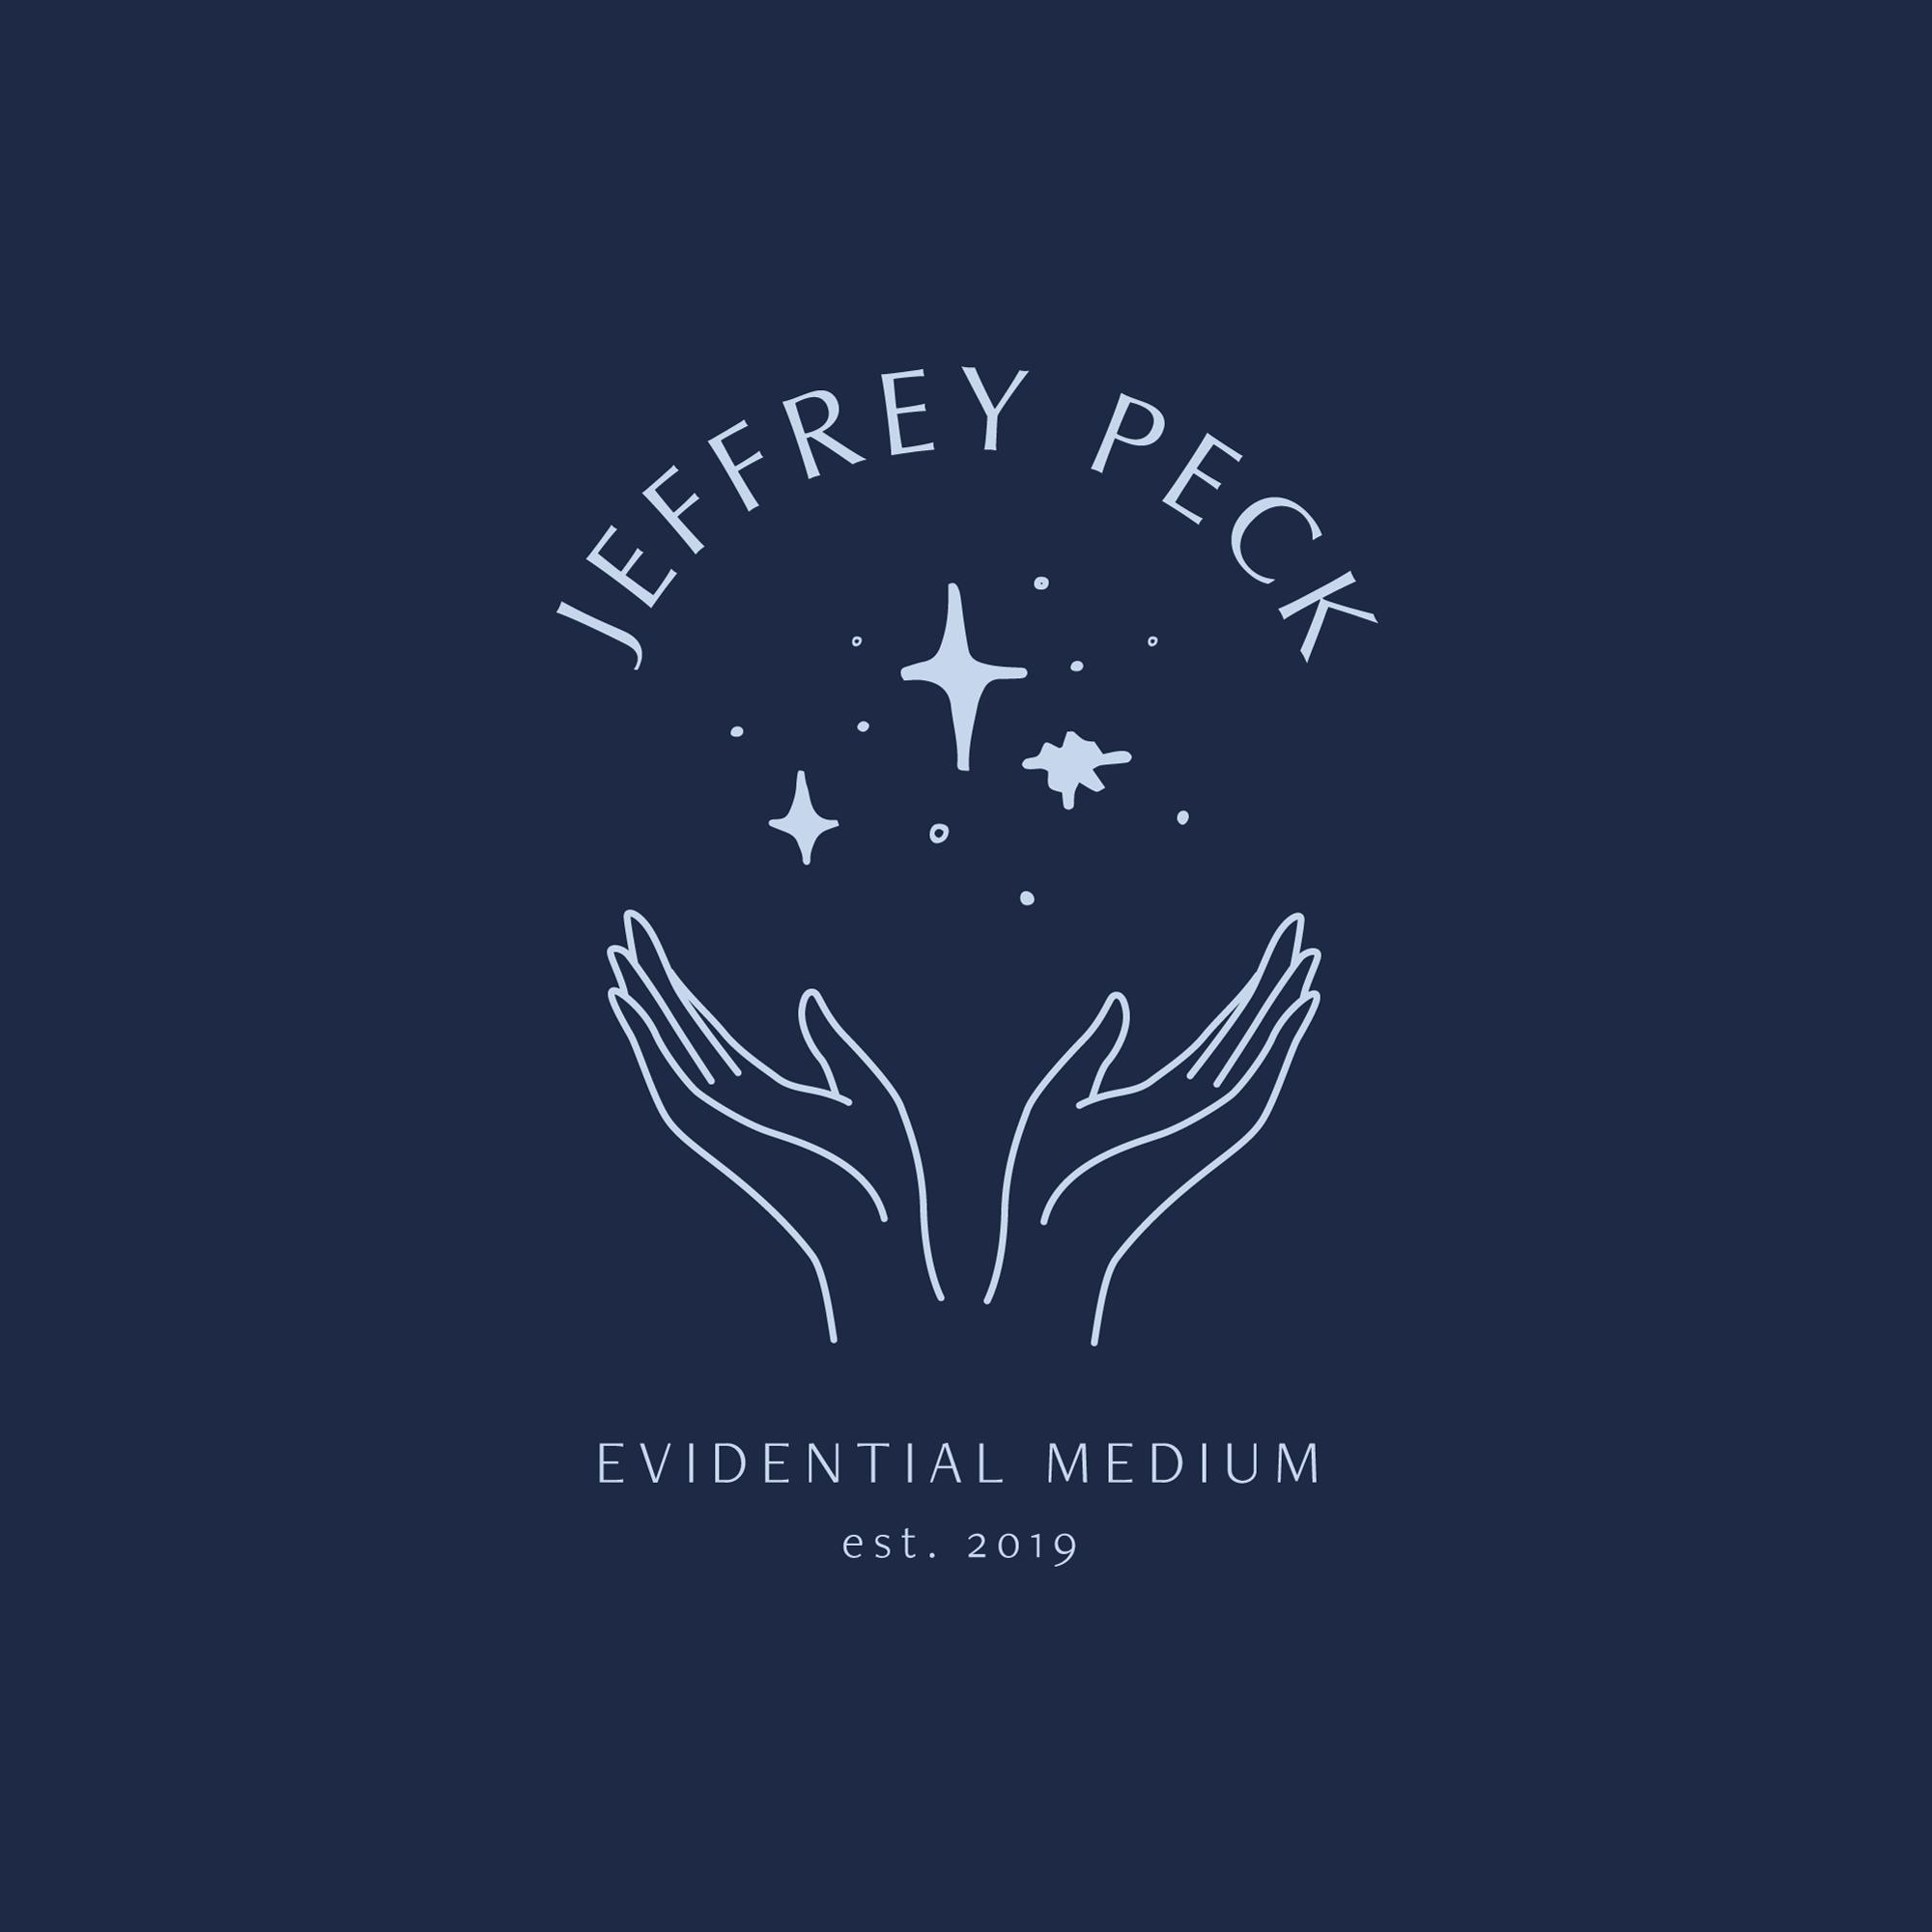 Jeffrey peck    Branding + Web Design    Coming Soon